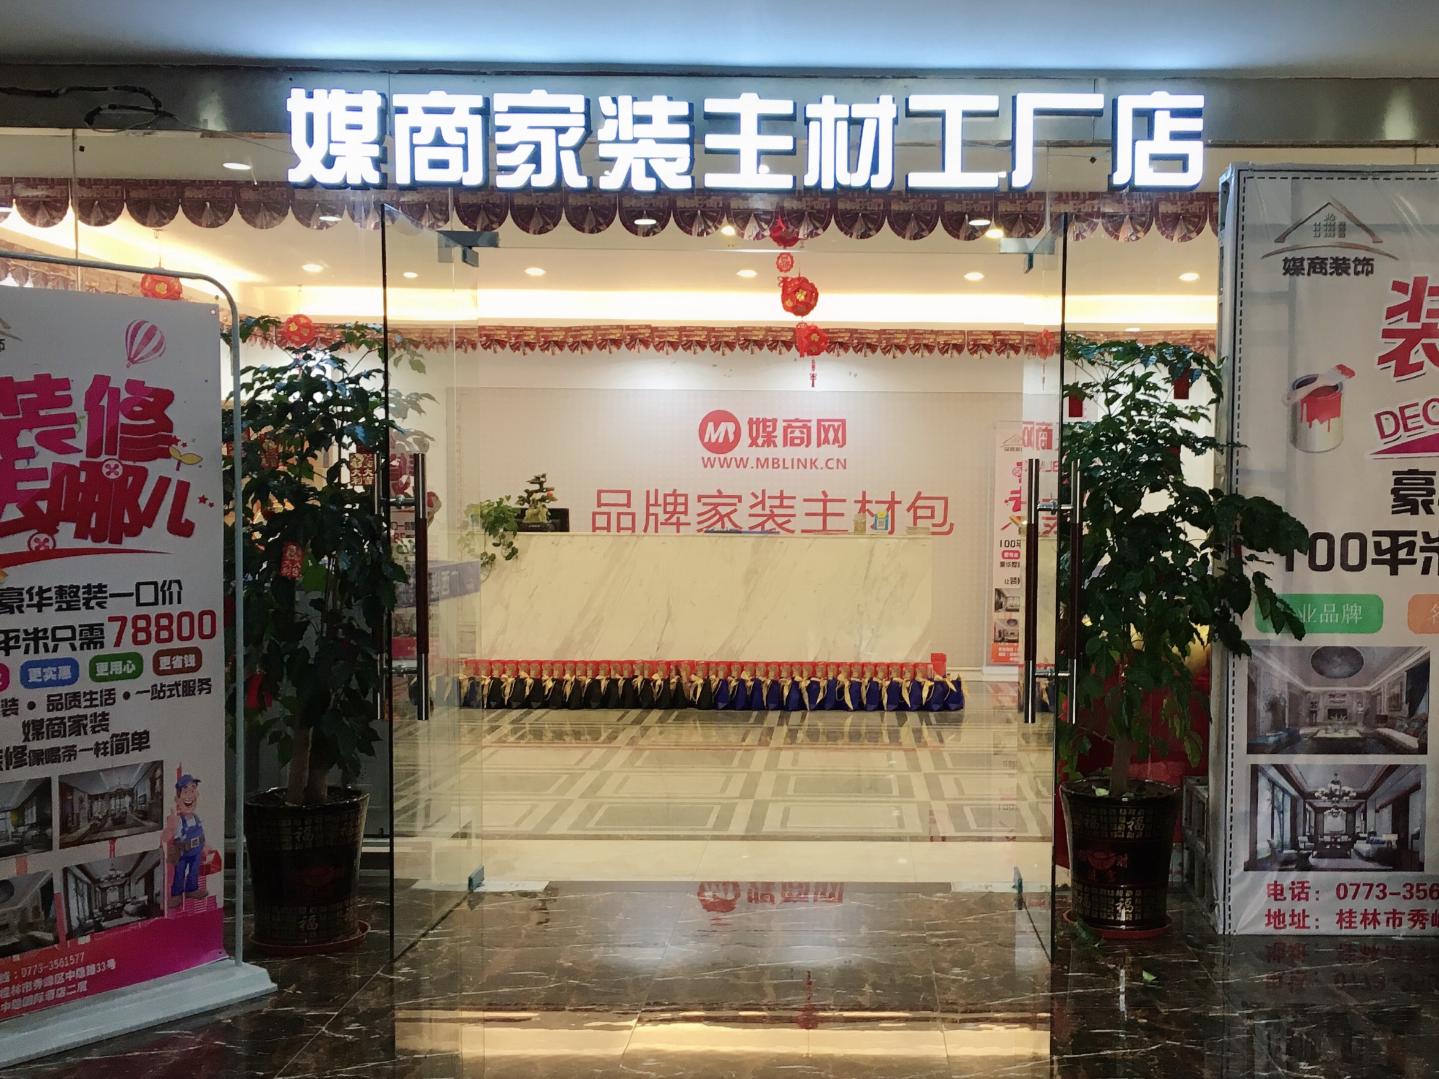 广西媒商装修工程有限公司